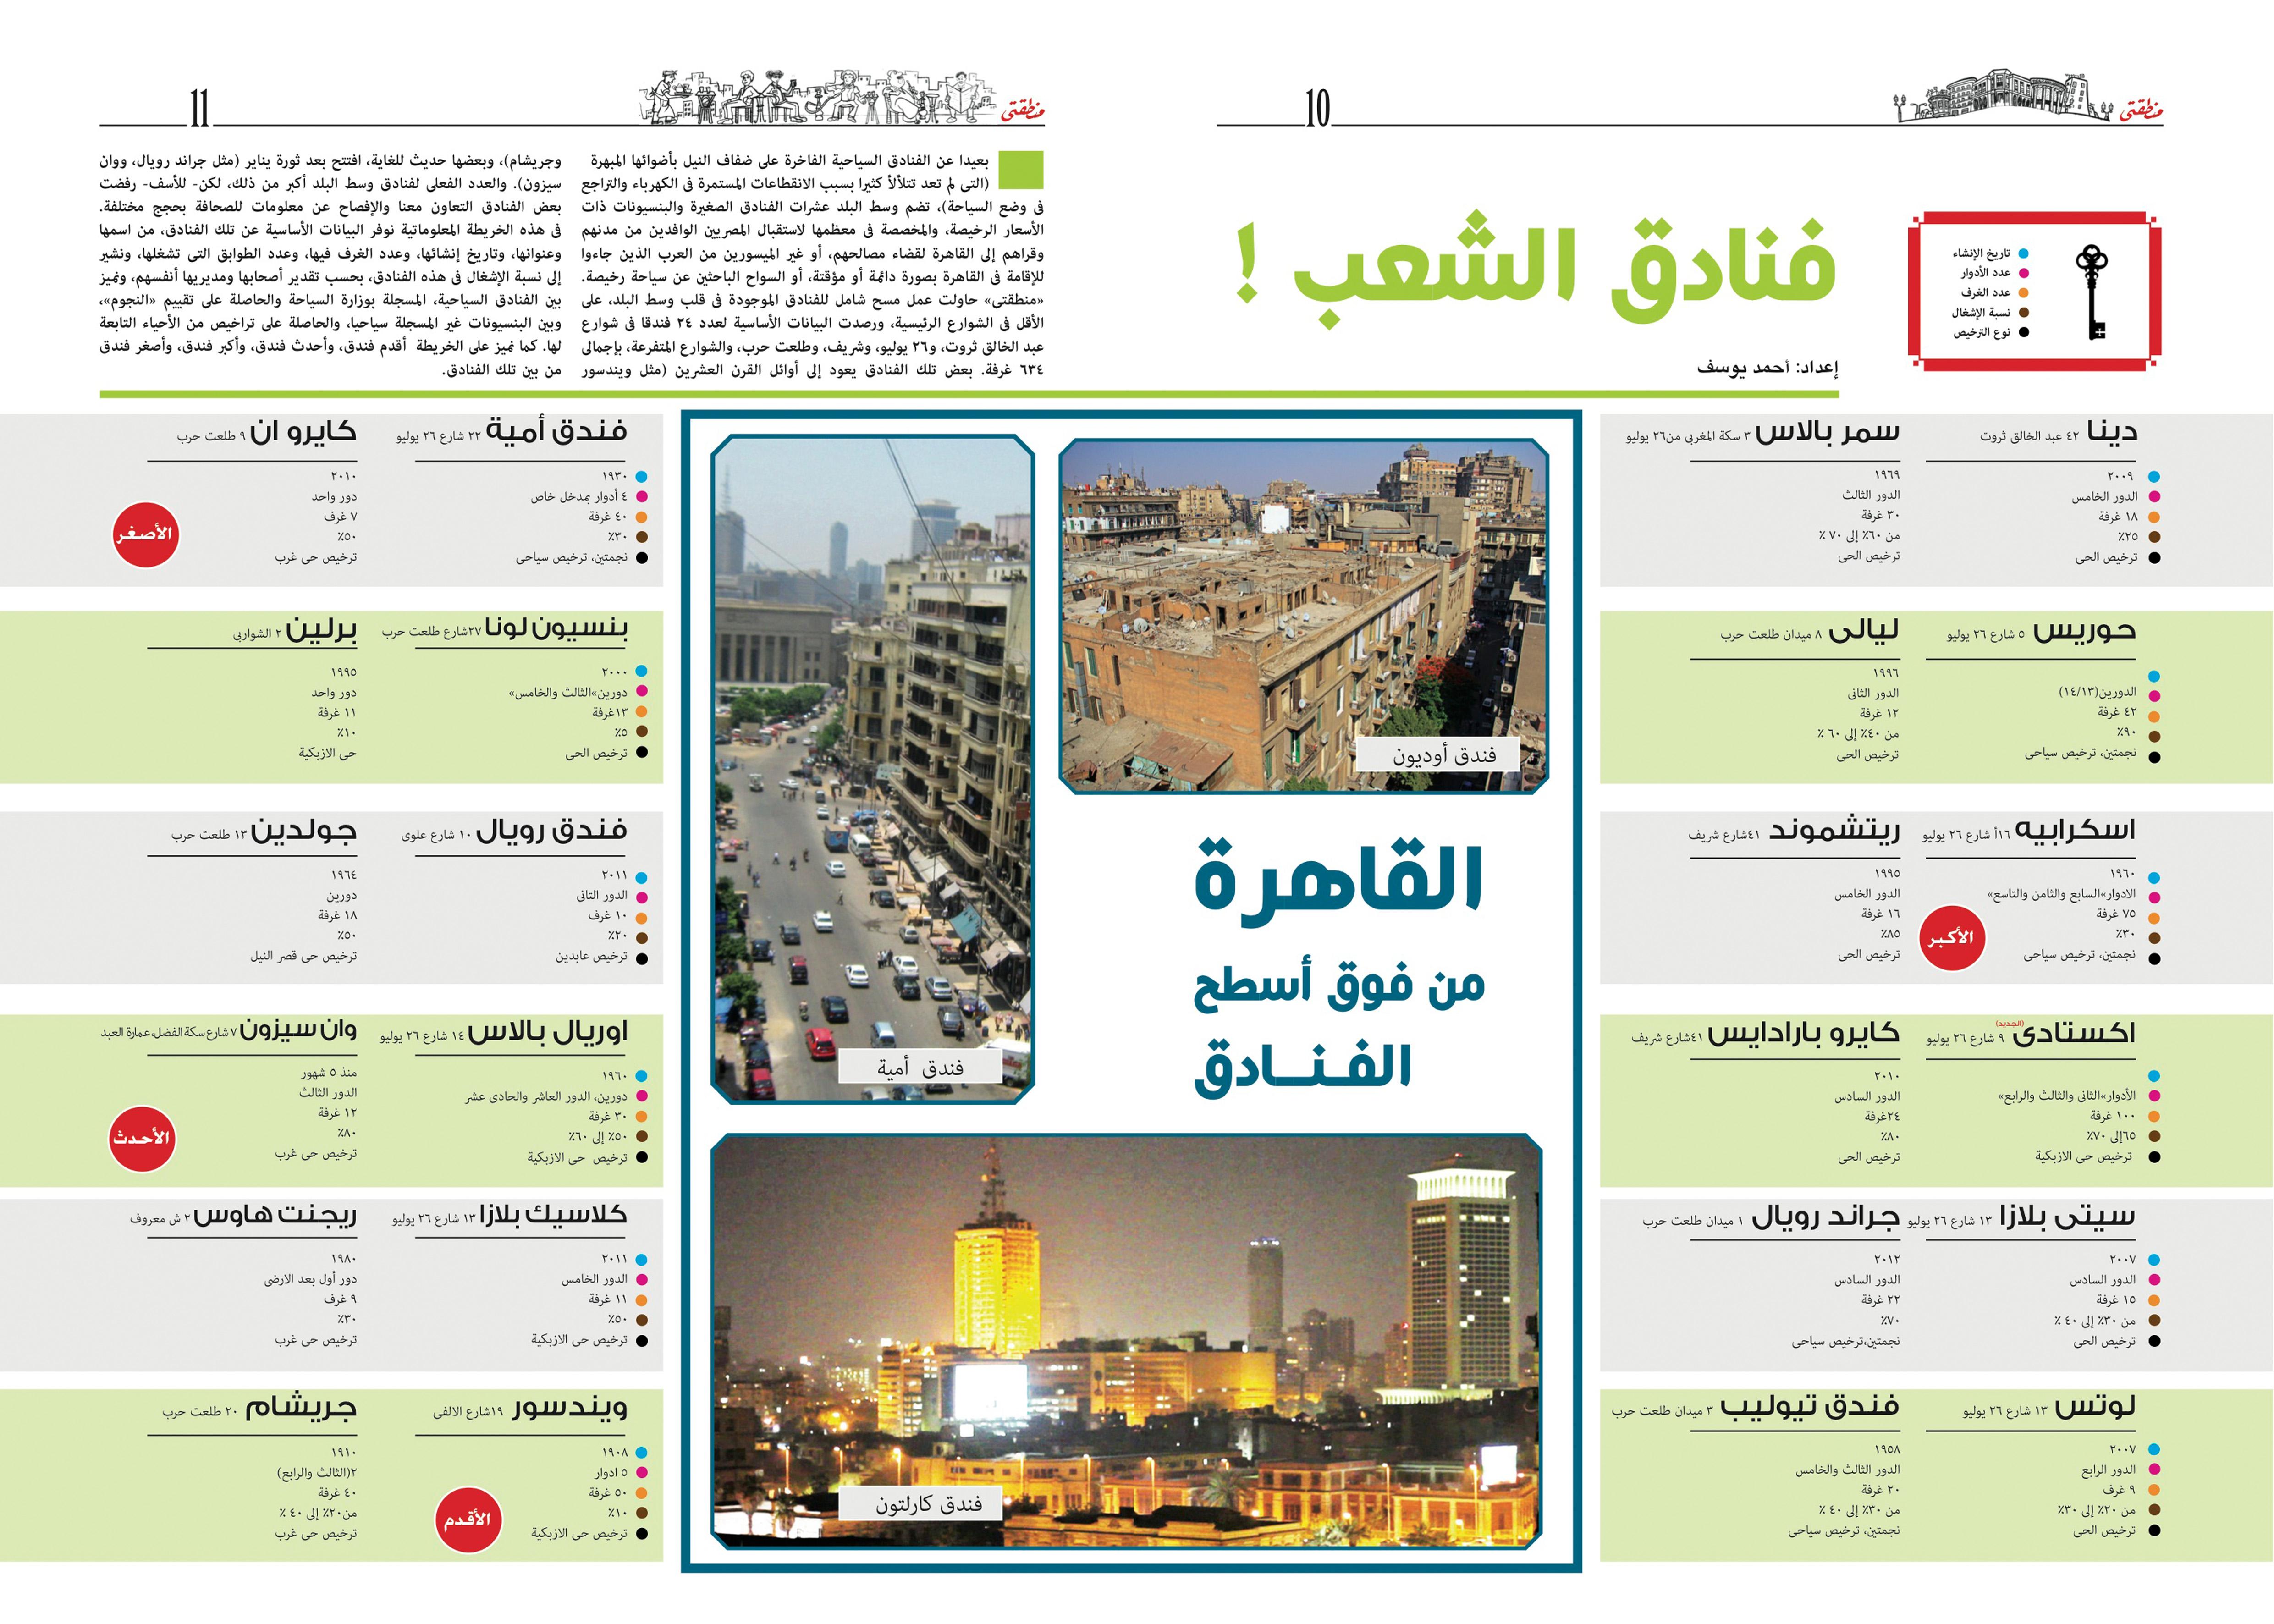 خريطة توضيحية عن فنادق وسط القاهرة